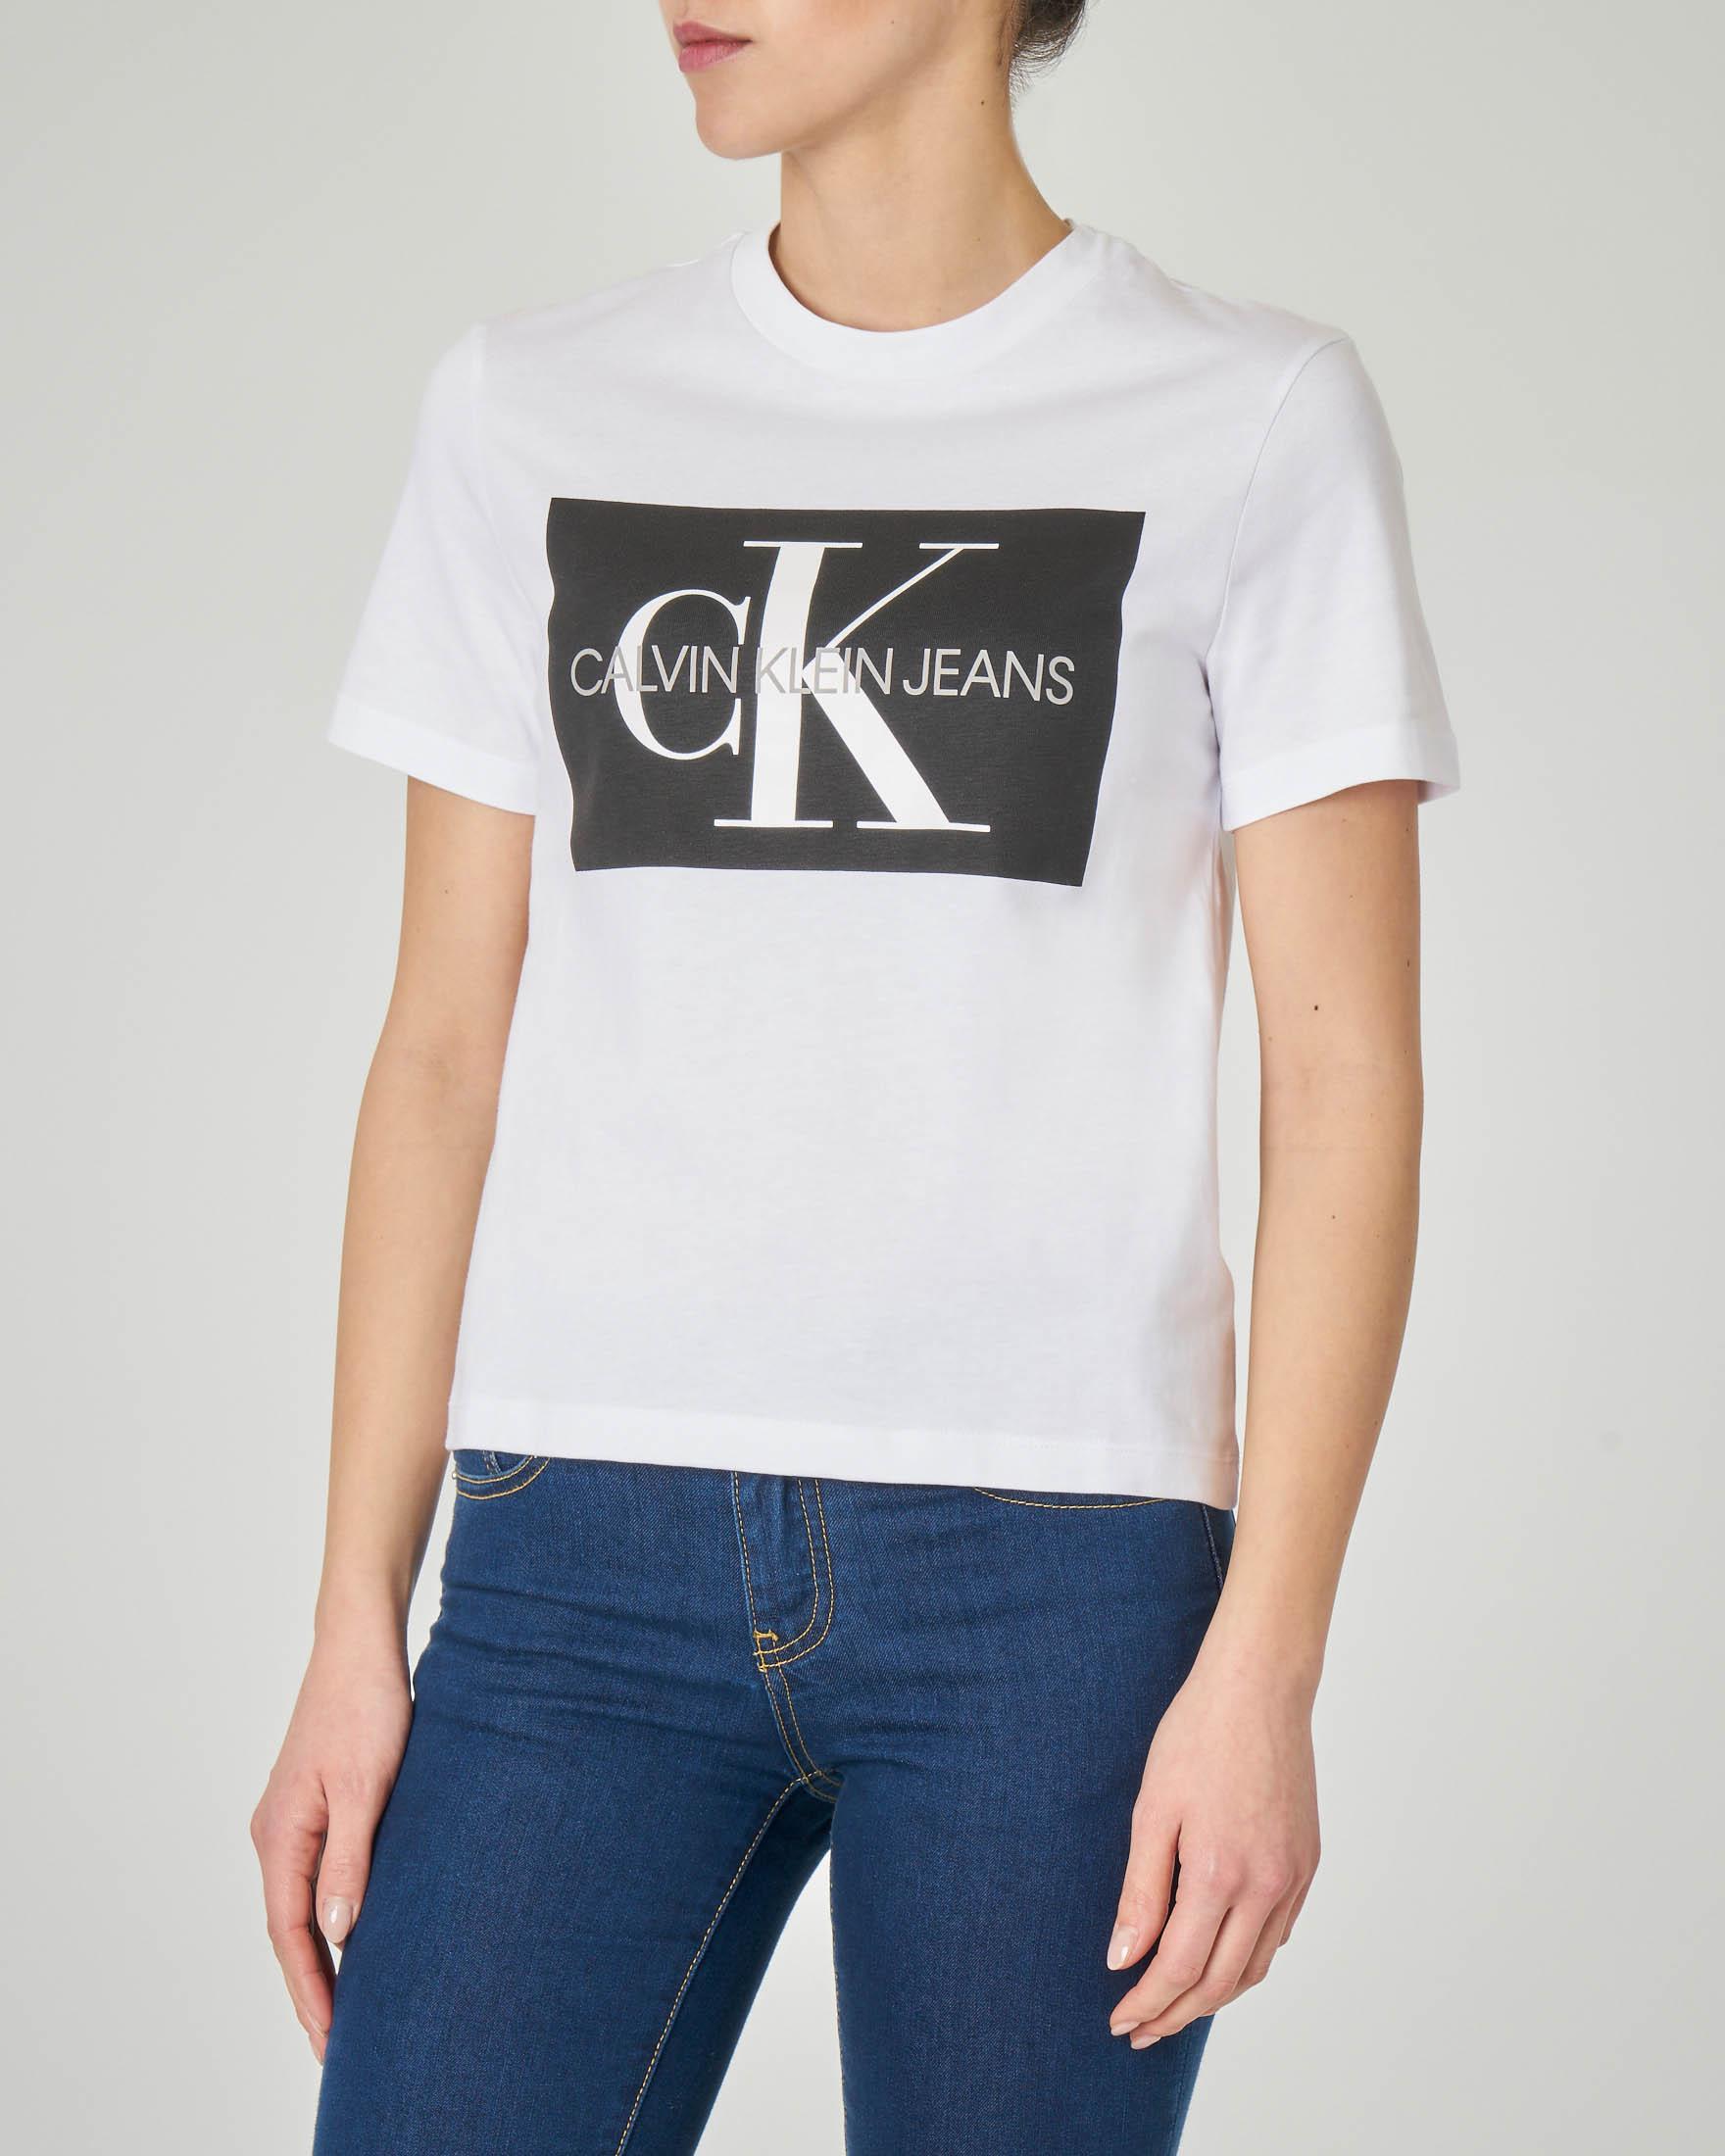 T-shirt bianca maniche corte con logo a contrasto